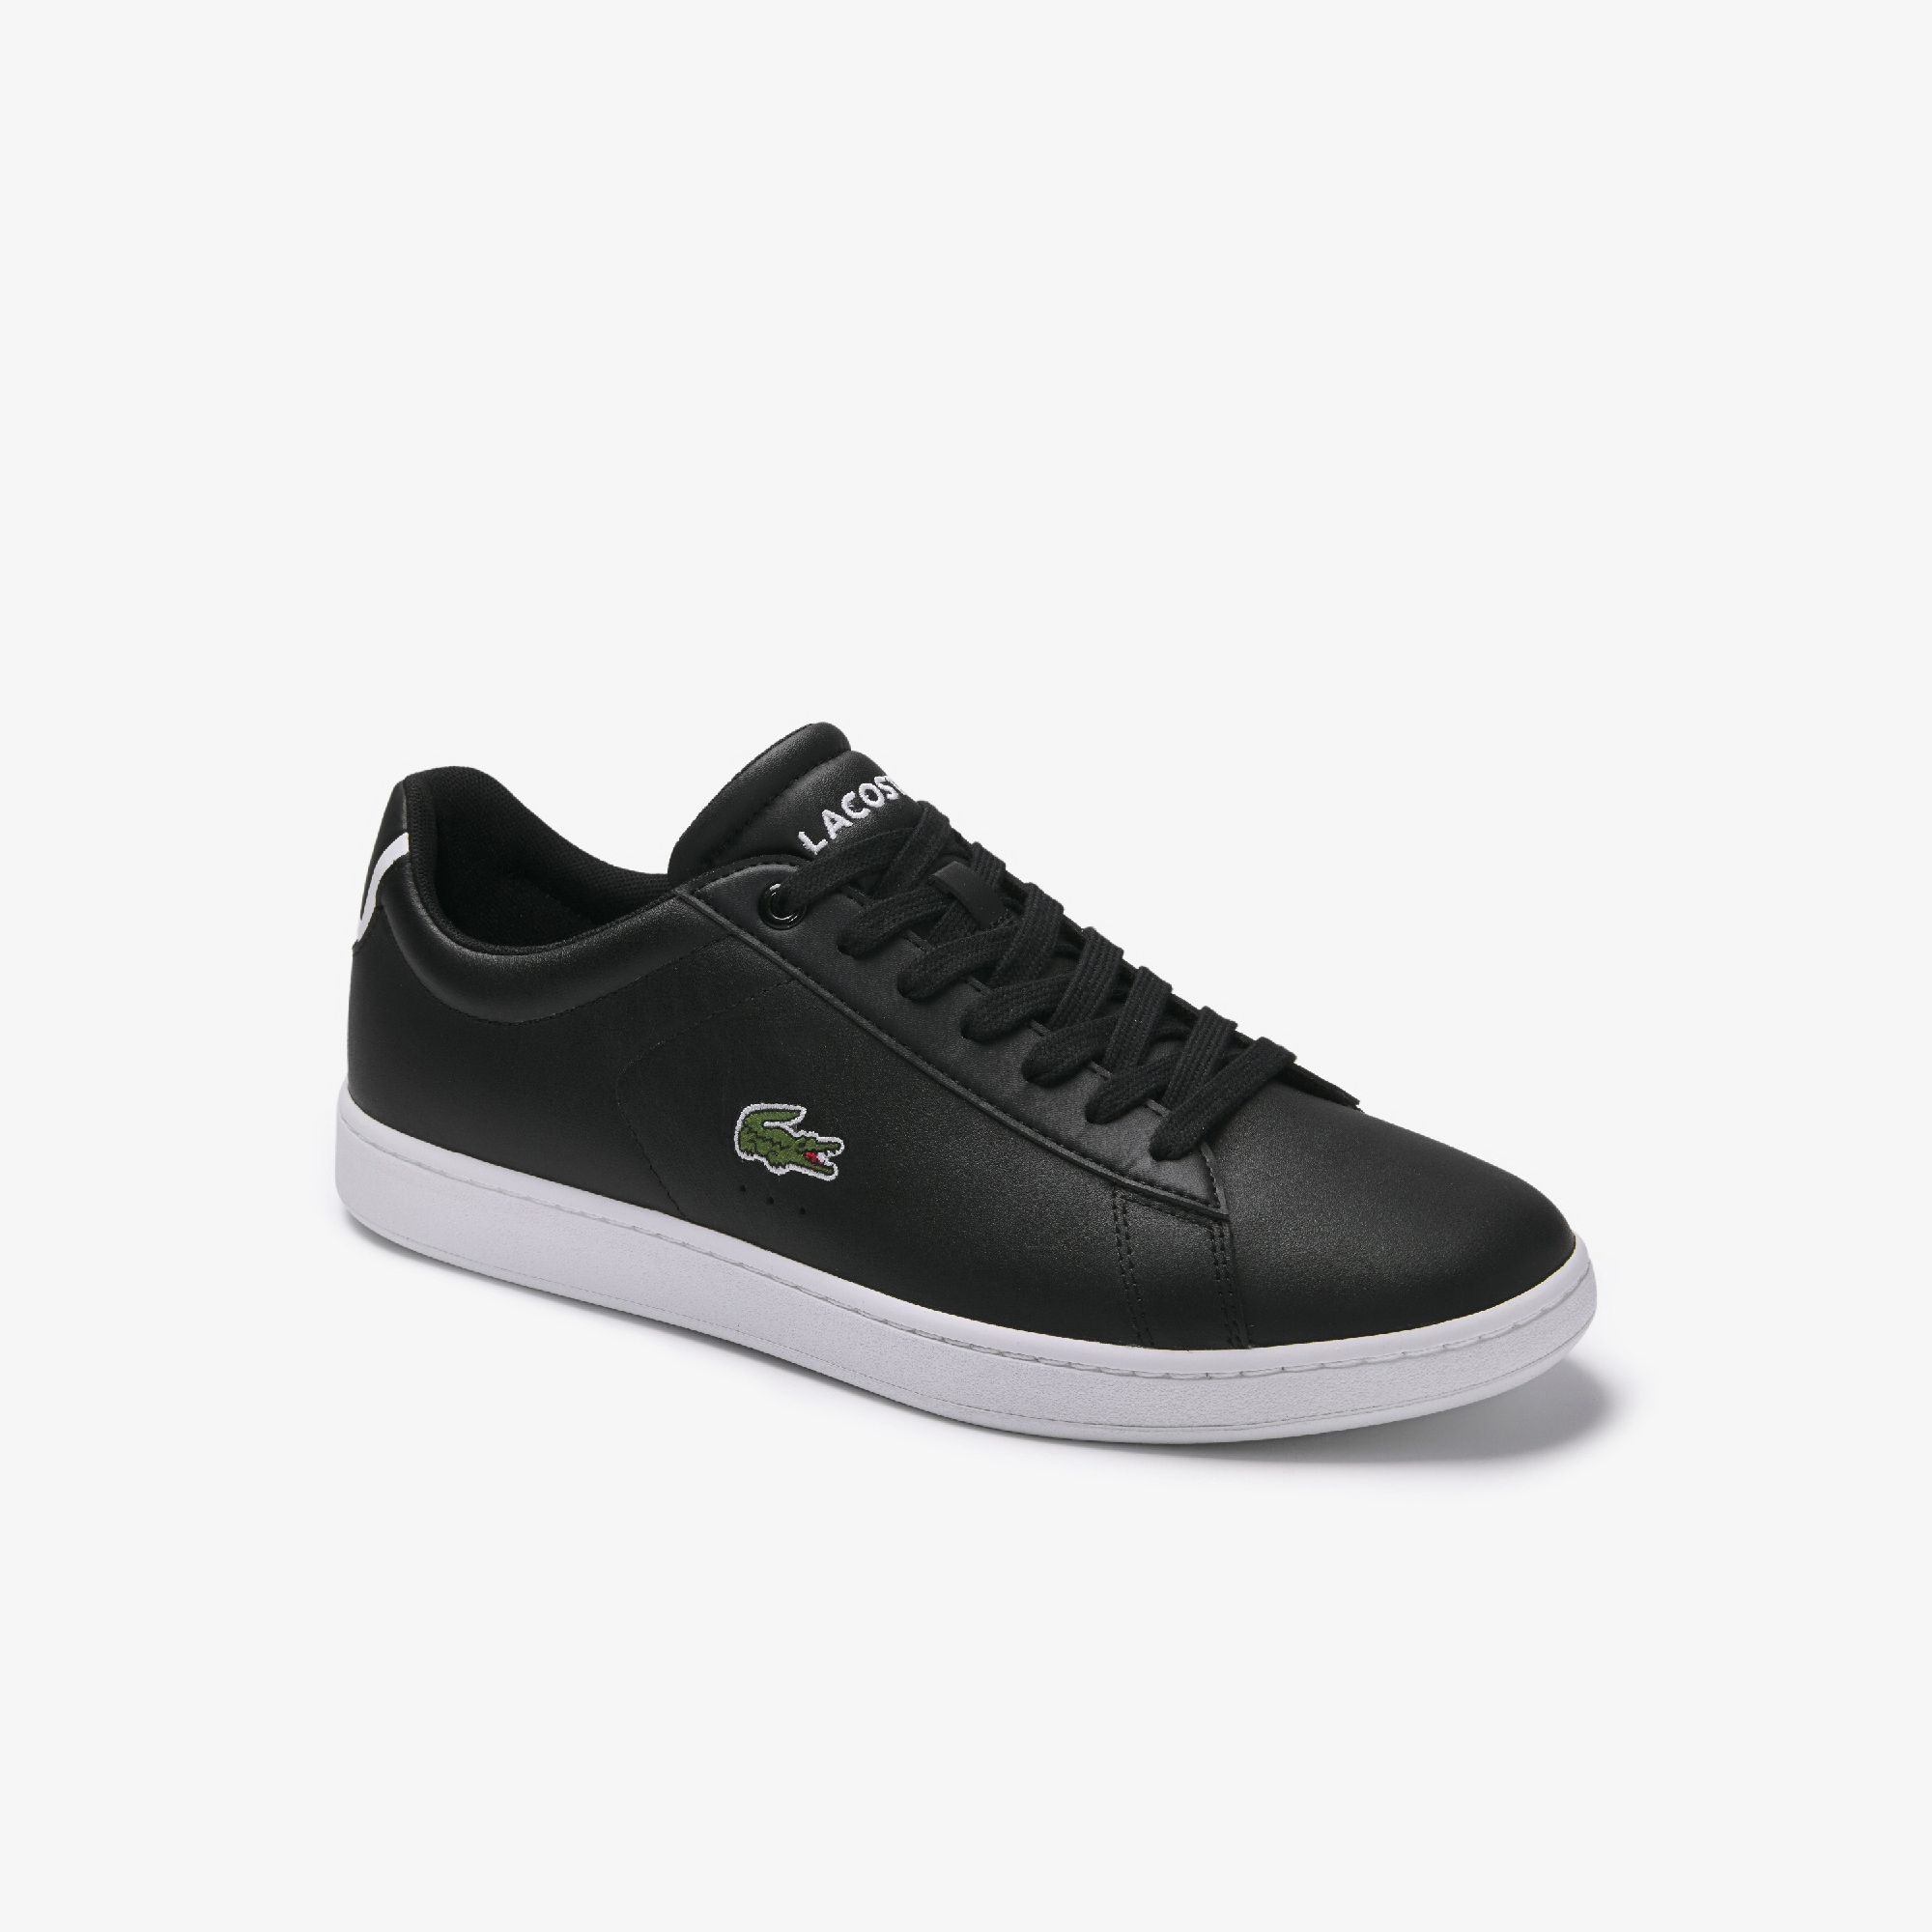 Sneakers Carnaby Evo in pelle con dettagli a contrasto